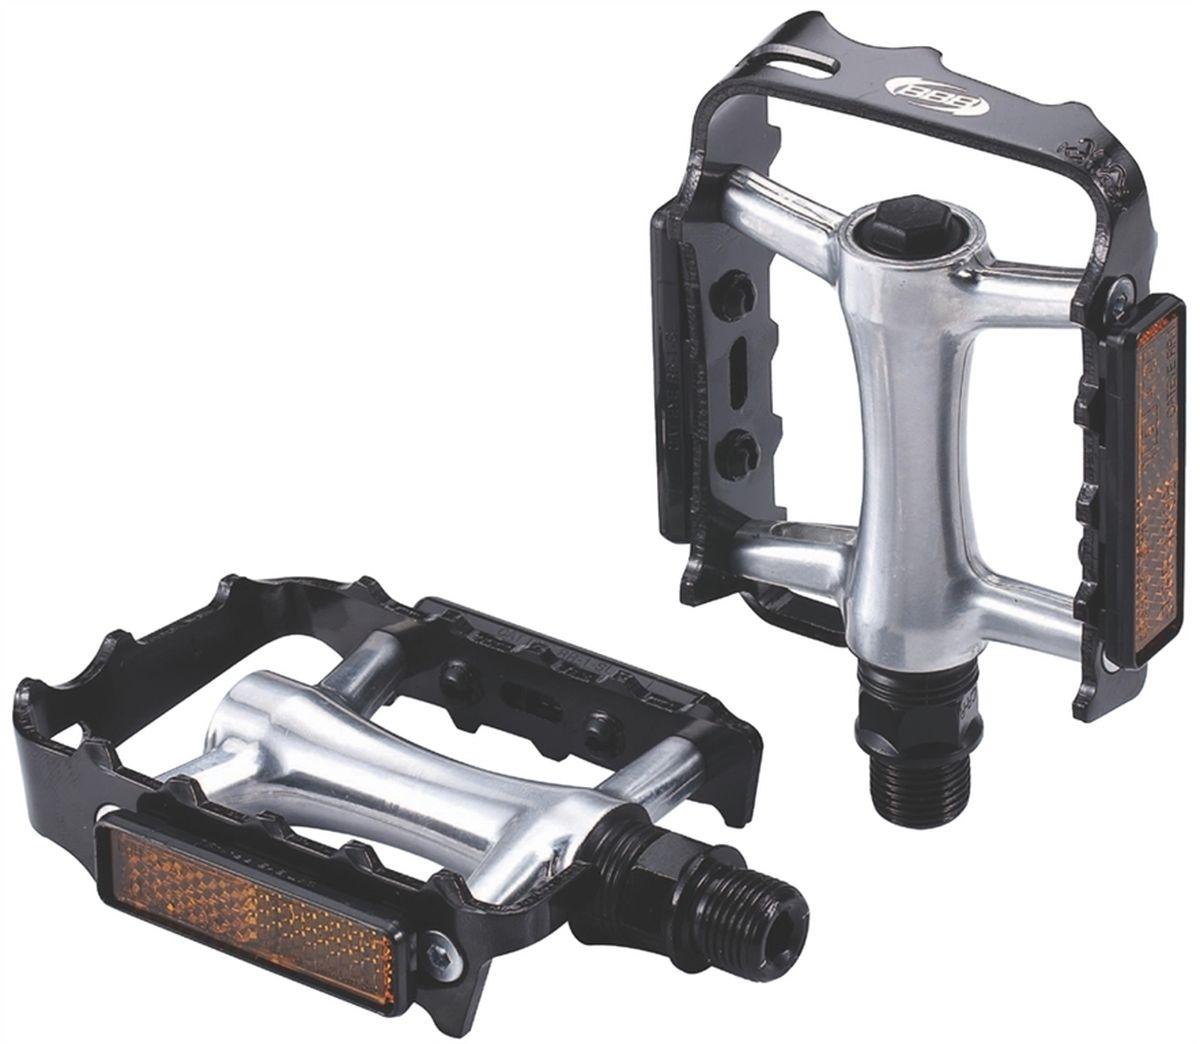 Педали BBB MTB ClassicRide, цвет: черный, стальной, 2 штBPD-17BBB MTB ClassicRide - это модернизированная версия классических алюминиевых педалей. Прочная ось выполнена из хроммолибденовой стали. Промышленные подшипники не нуждающиеся в обслуживании. Рамка с зубцами обеспечивает лучший контакт. Съемные отражатели помогают увидеть вас в темное время суток.